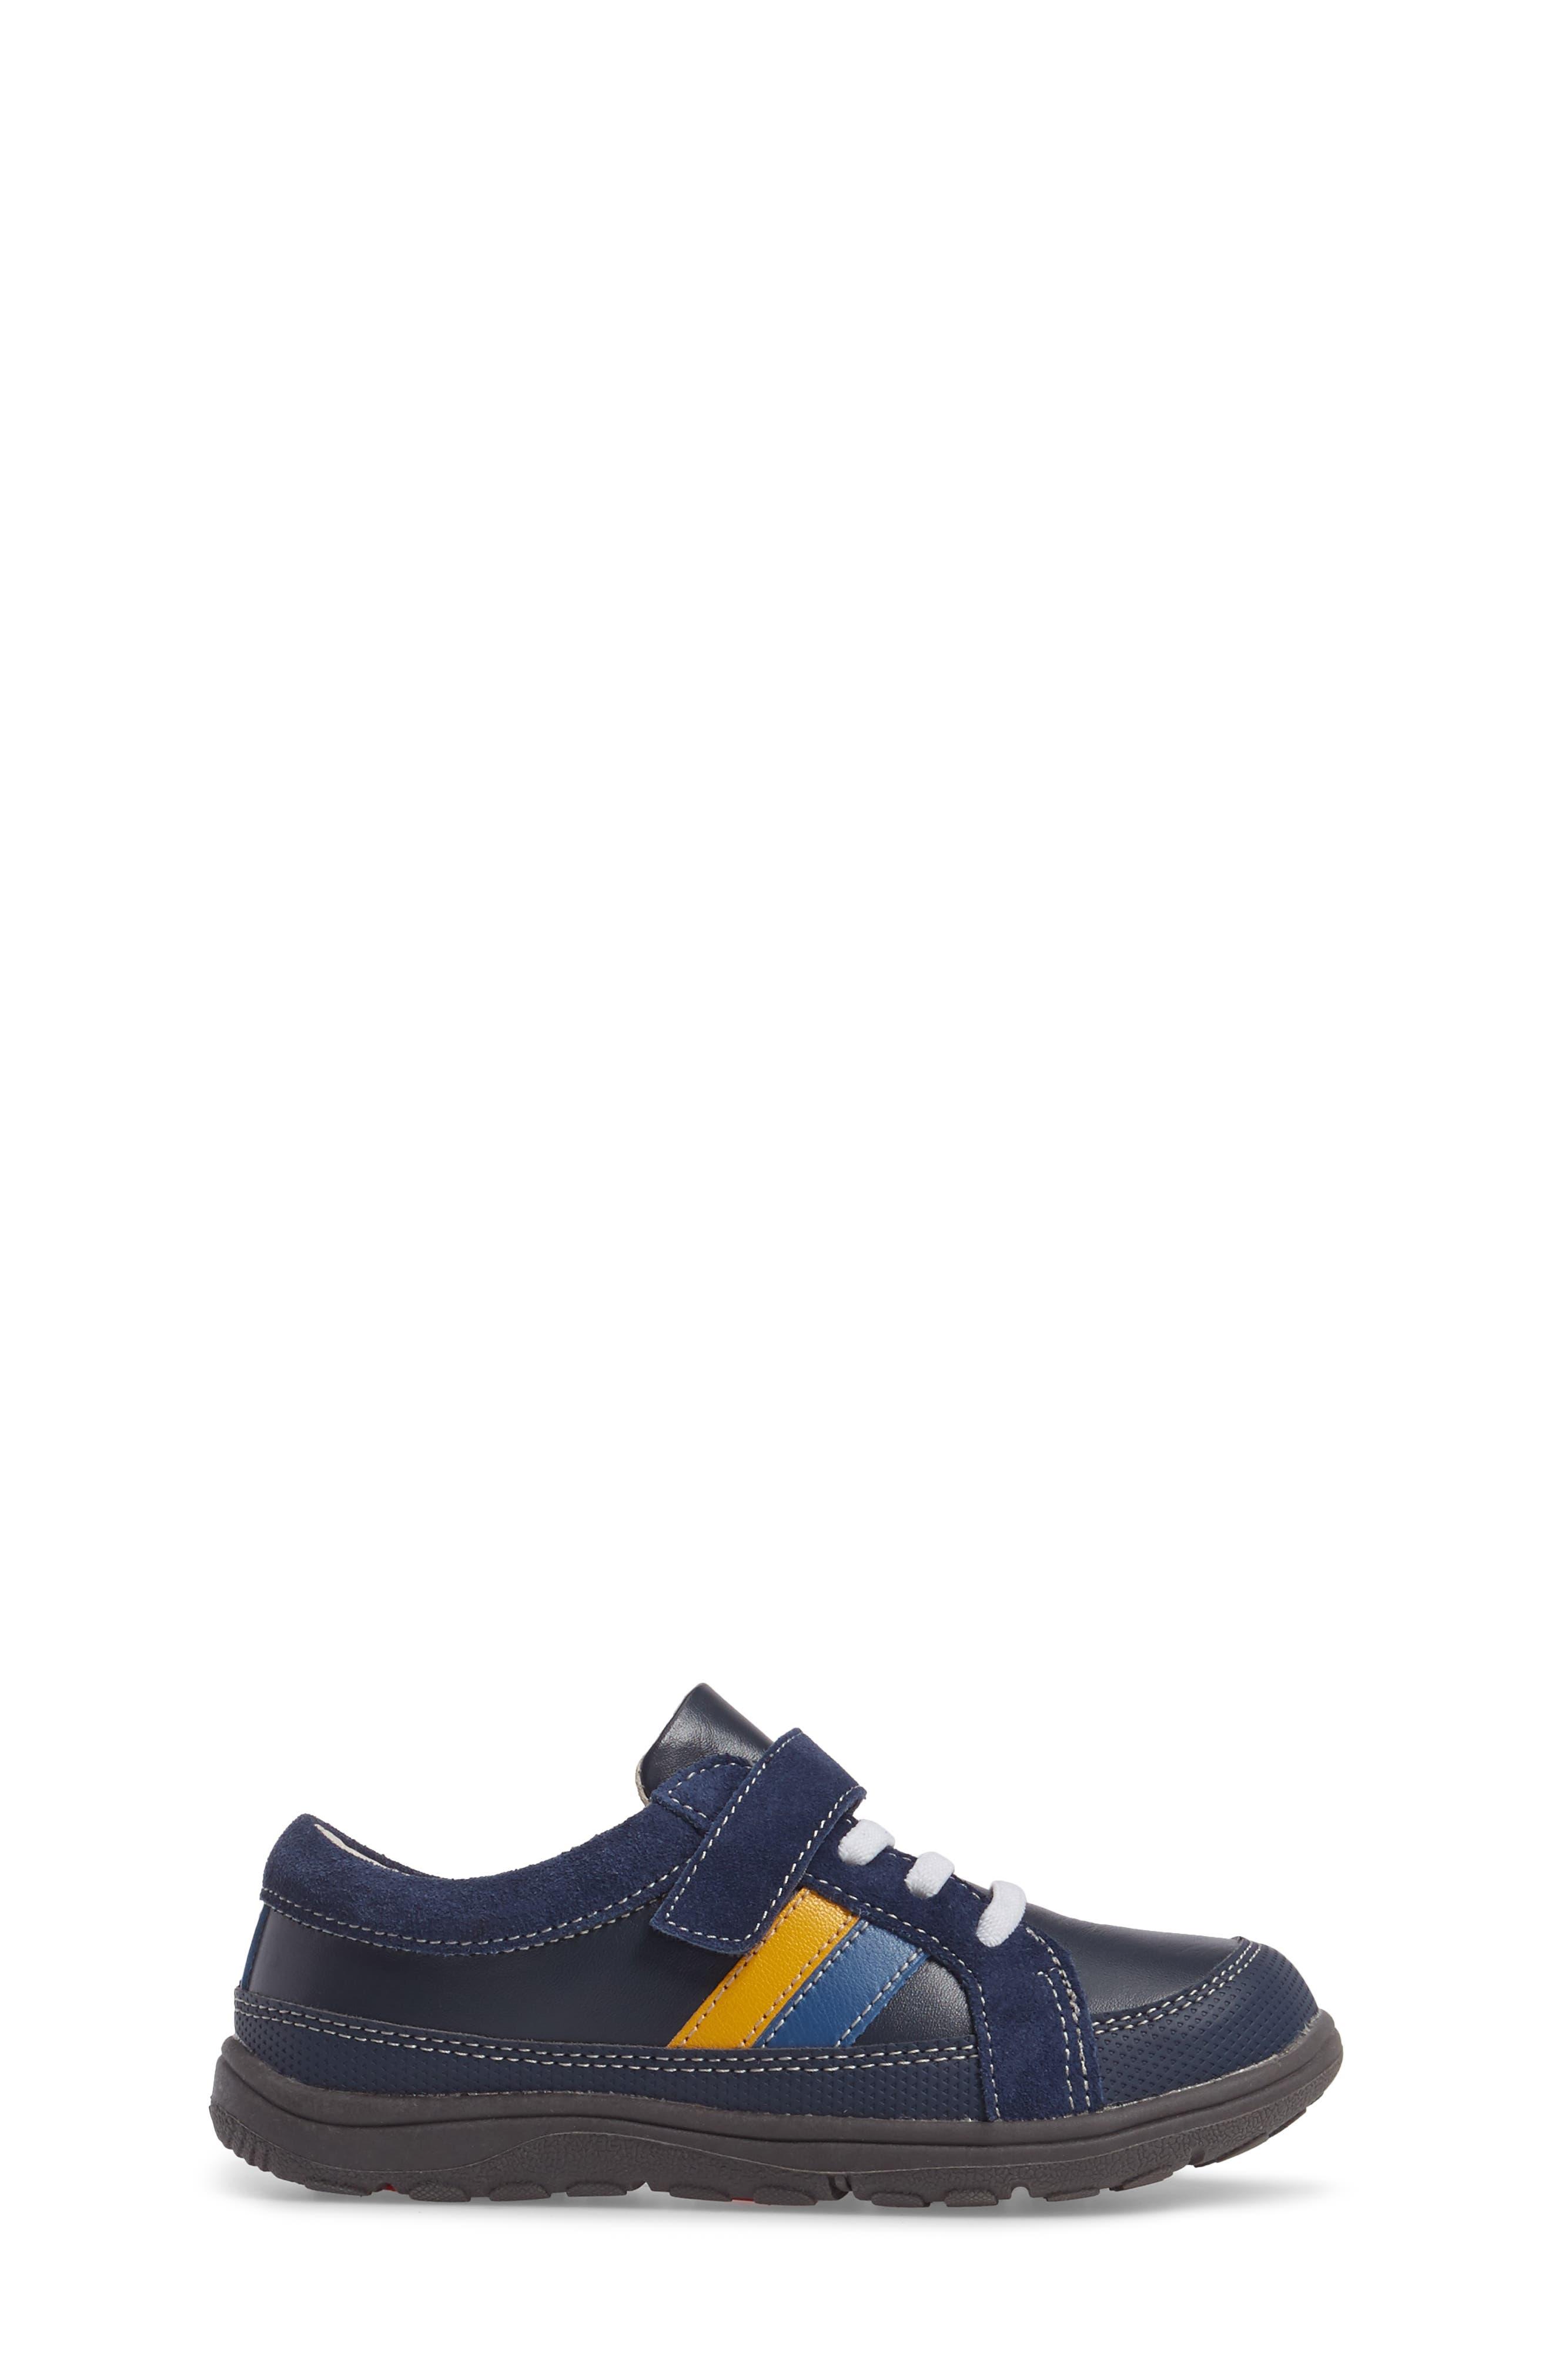 'Randall' Sneaker,                             Alternate thumbnail 3, color,                             411